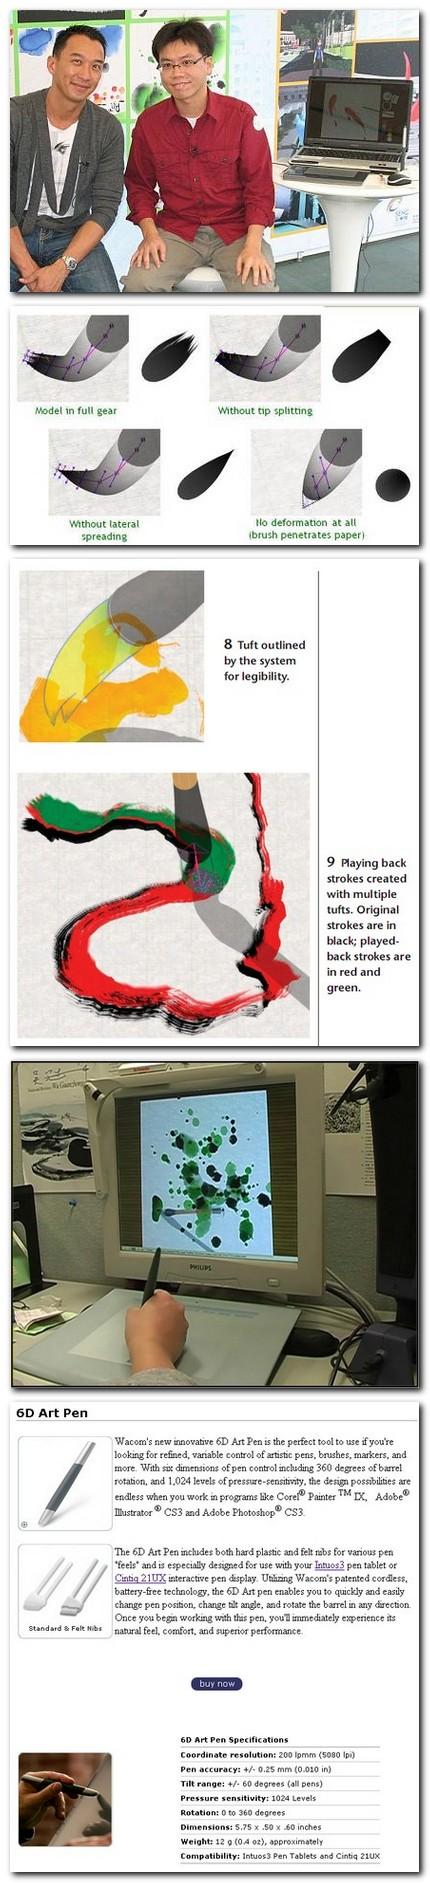 Nelson Chu şi câteva imagini despre sistemul său Moxi.